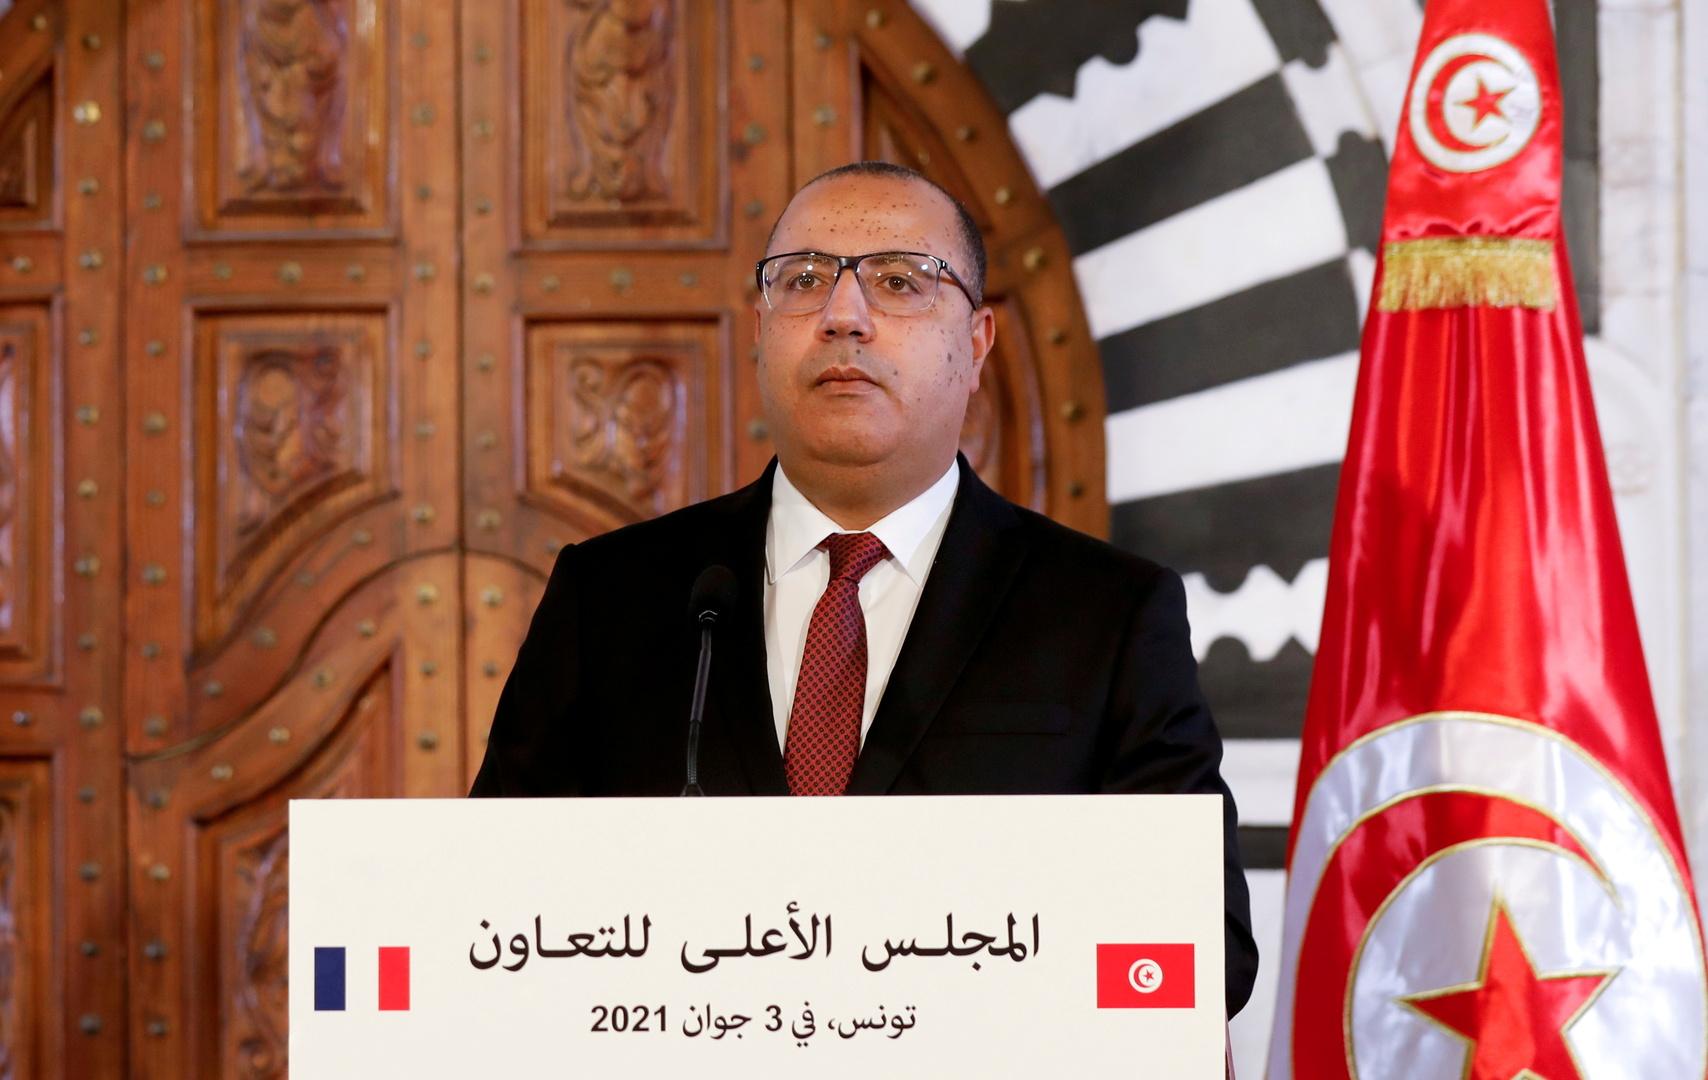 الهيئة الوطنية التونسية للوقاية من التعذيب: هاتف المشيشي قيد الاستعمال لكنه لا يرد